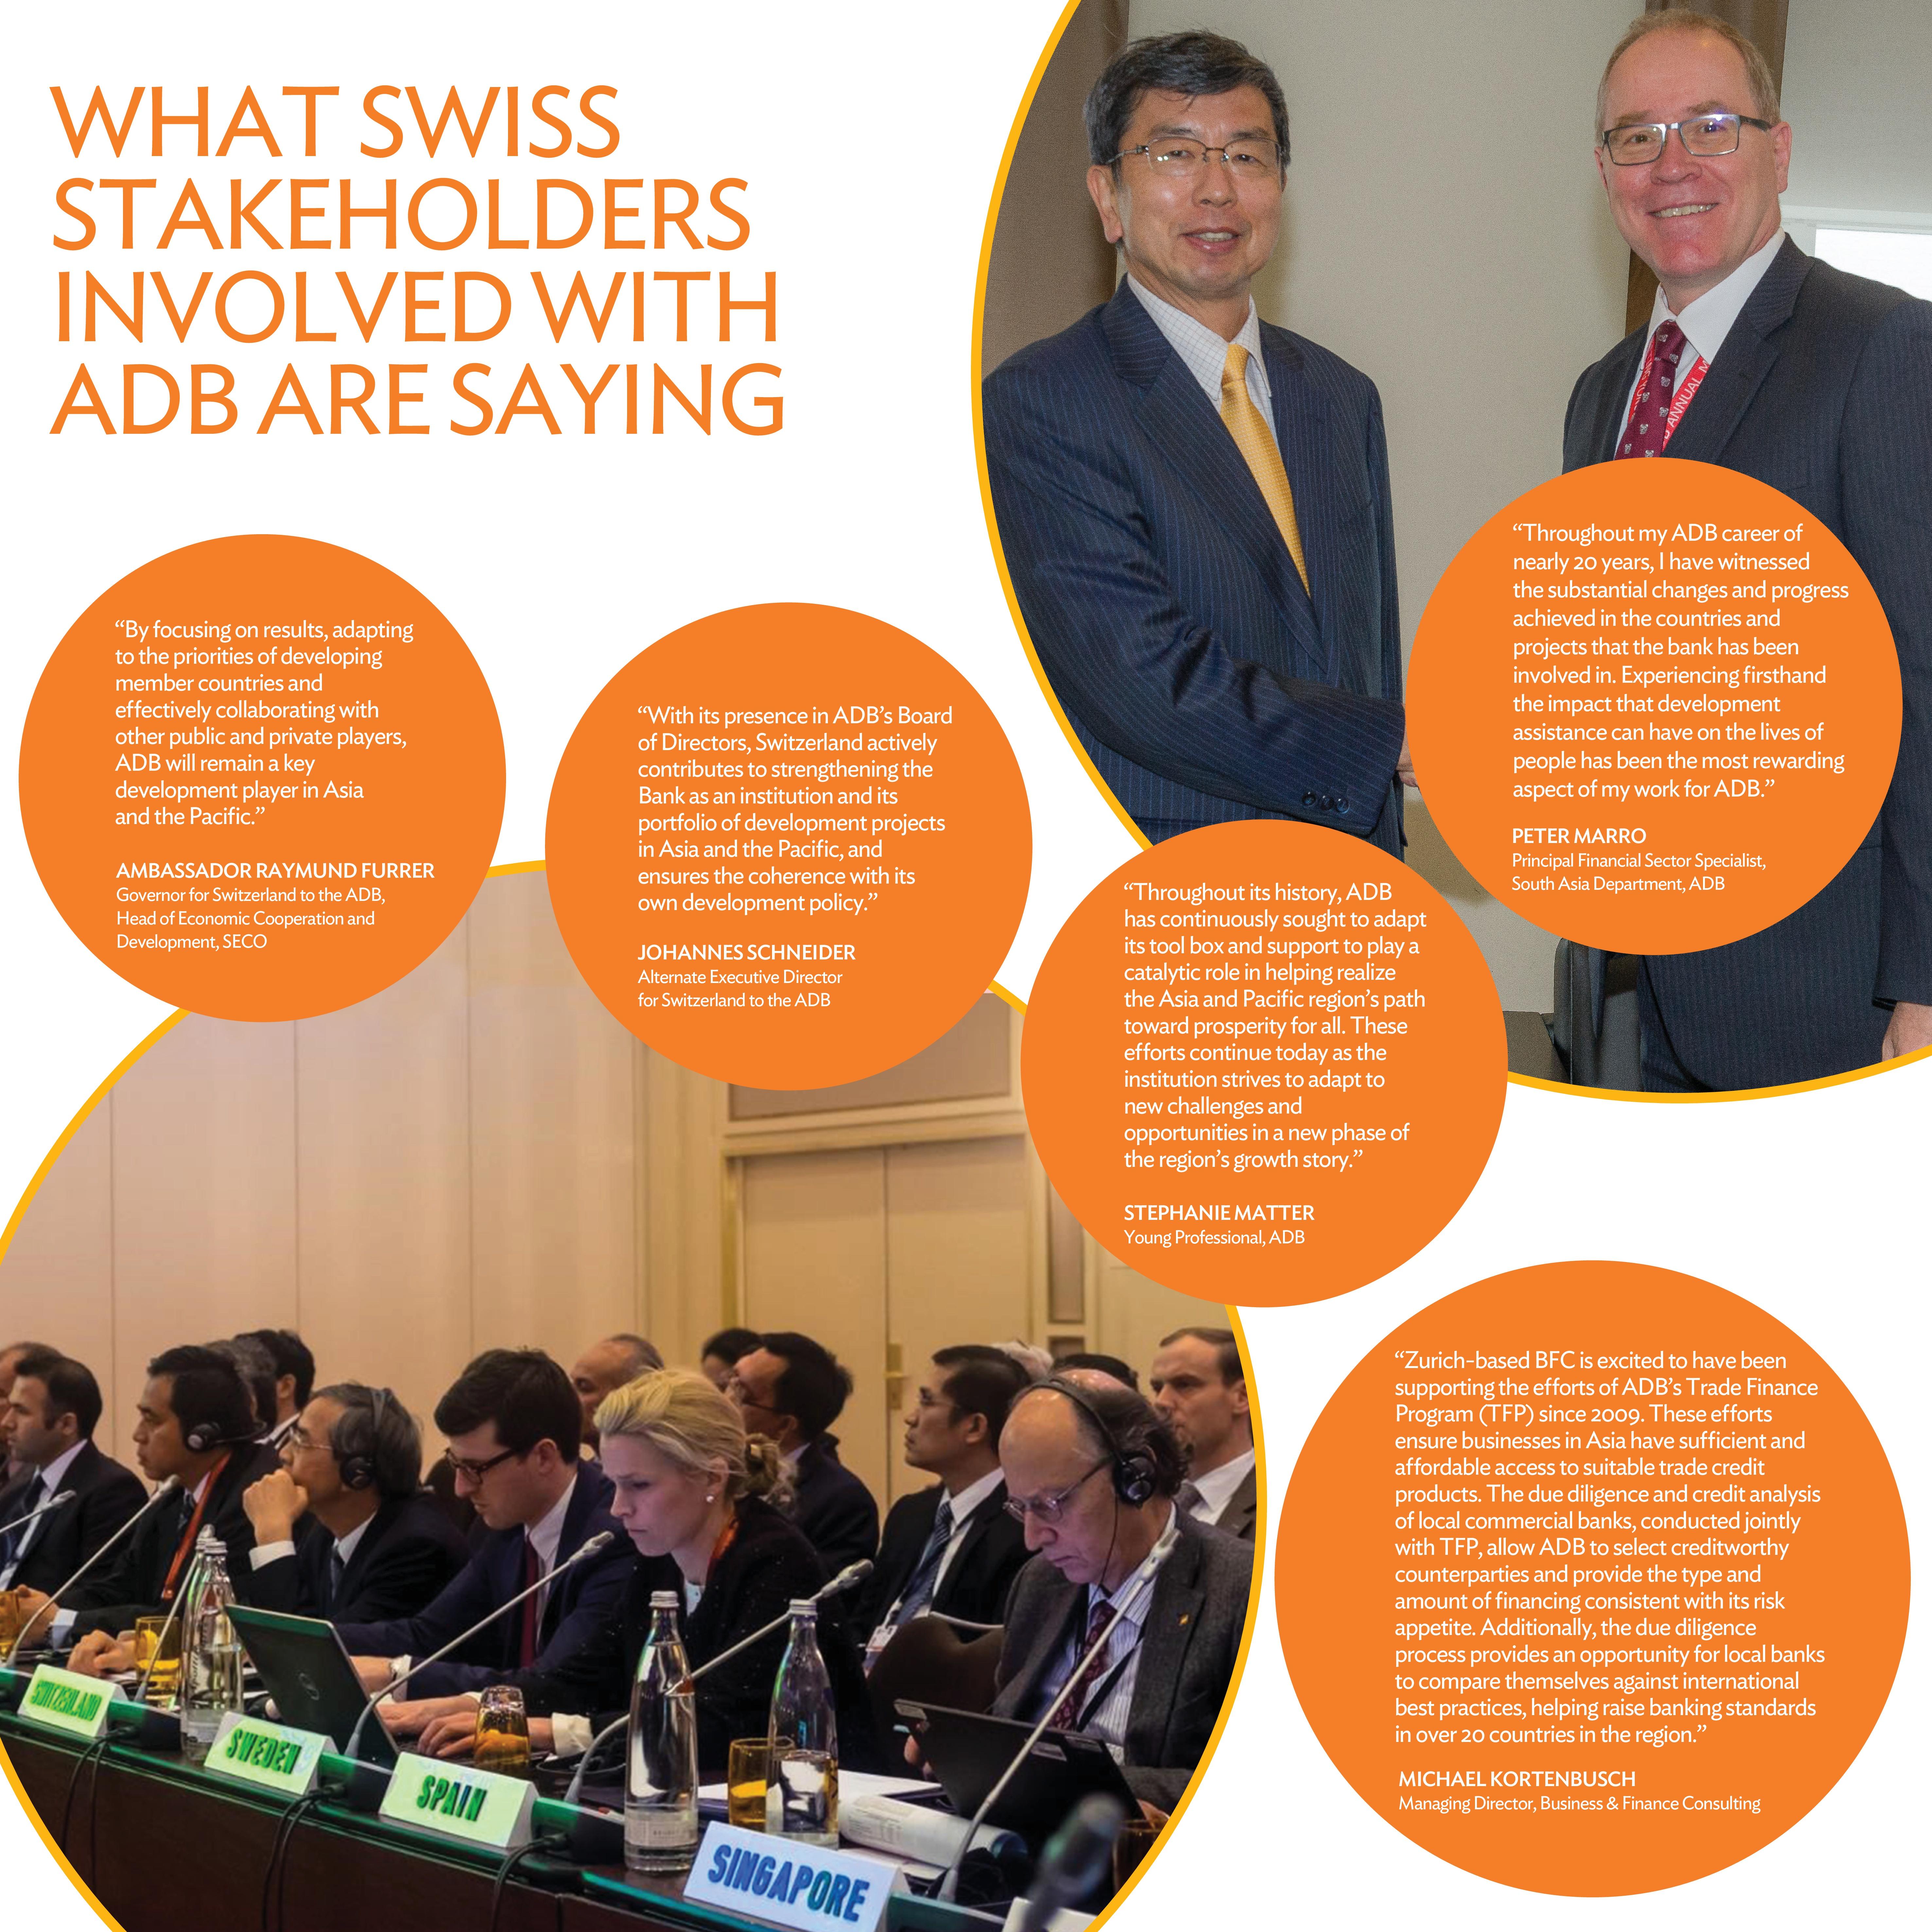 Seco Cooperation 50 Jahre Partnerschaft Zwischen Der Schweiz Und